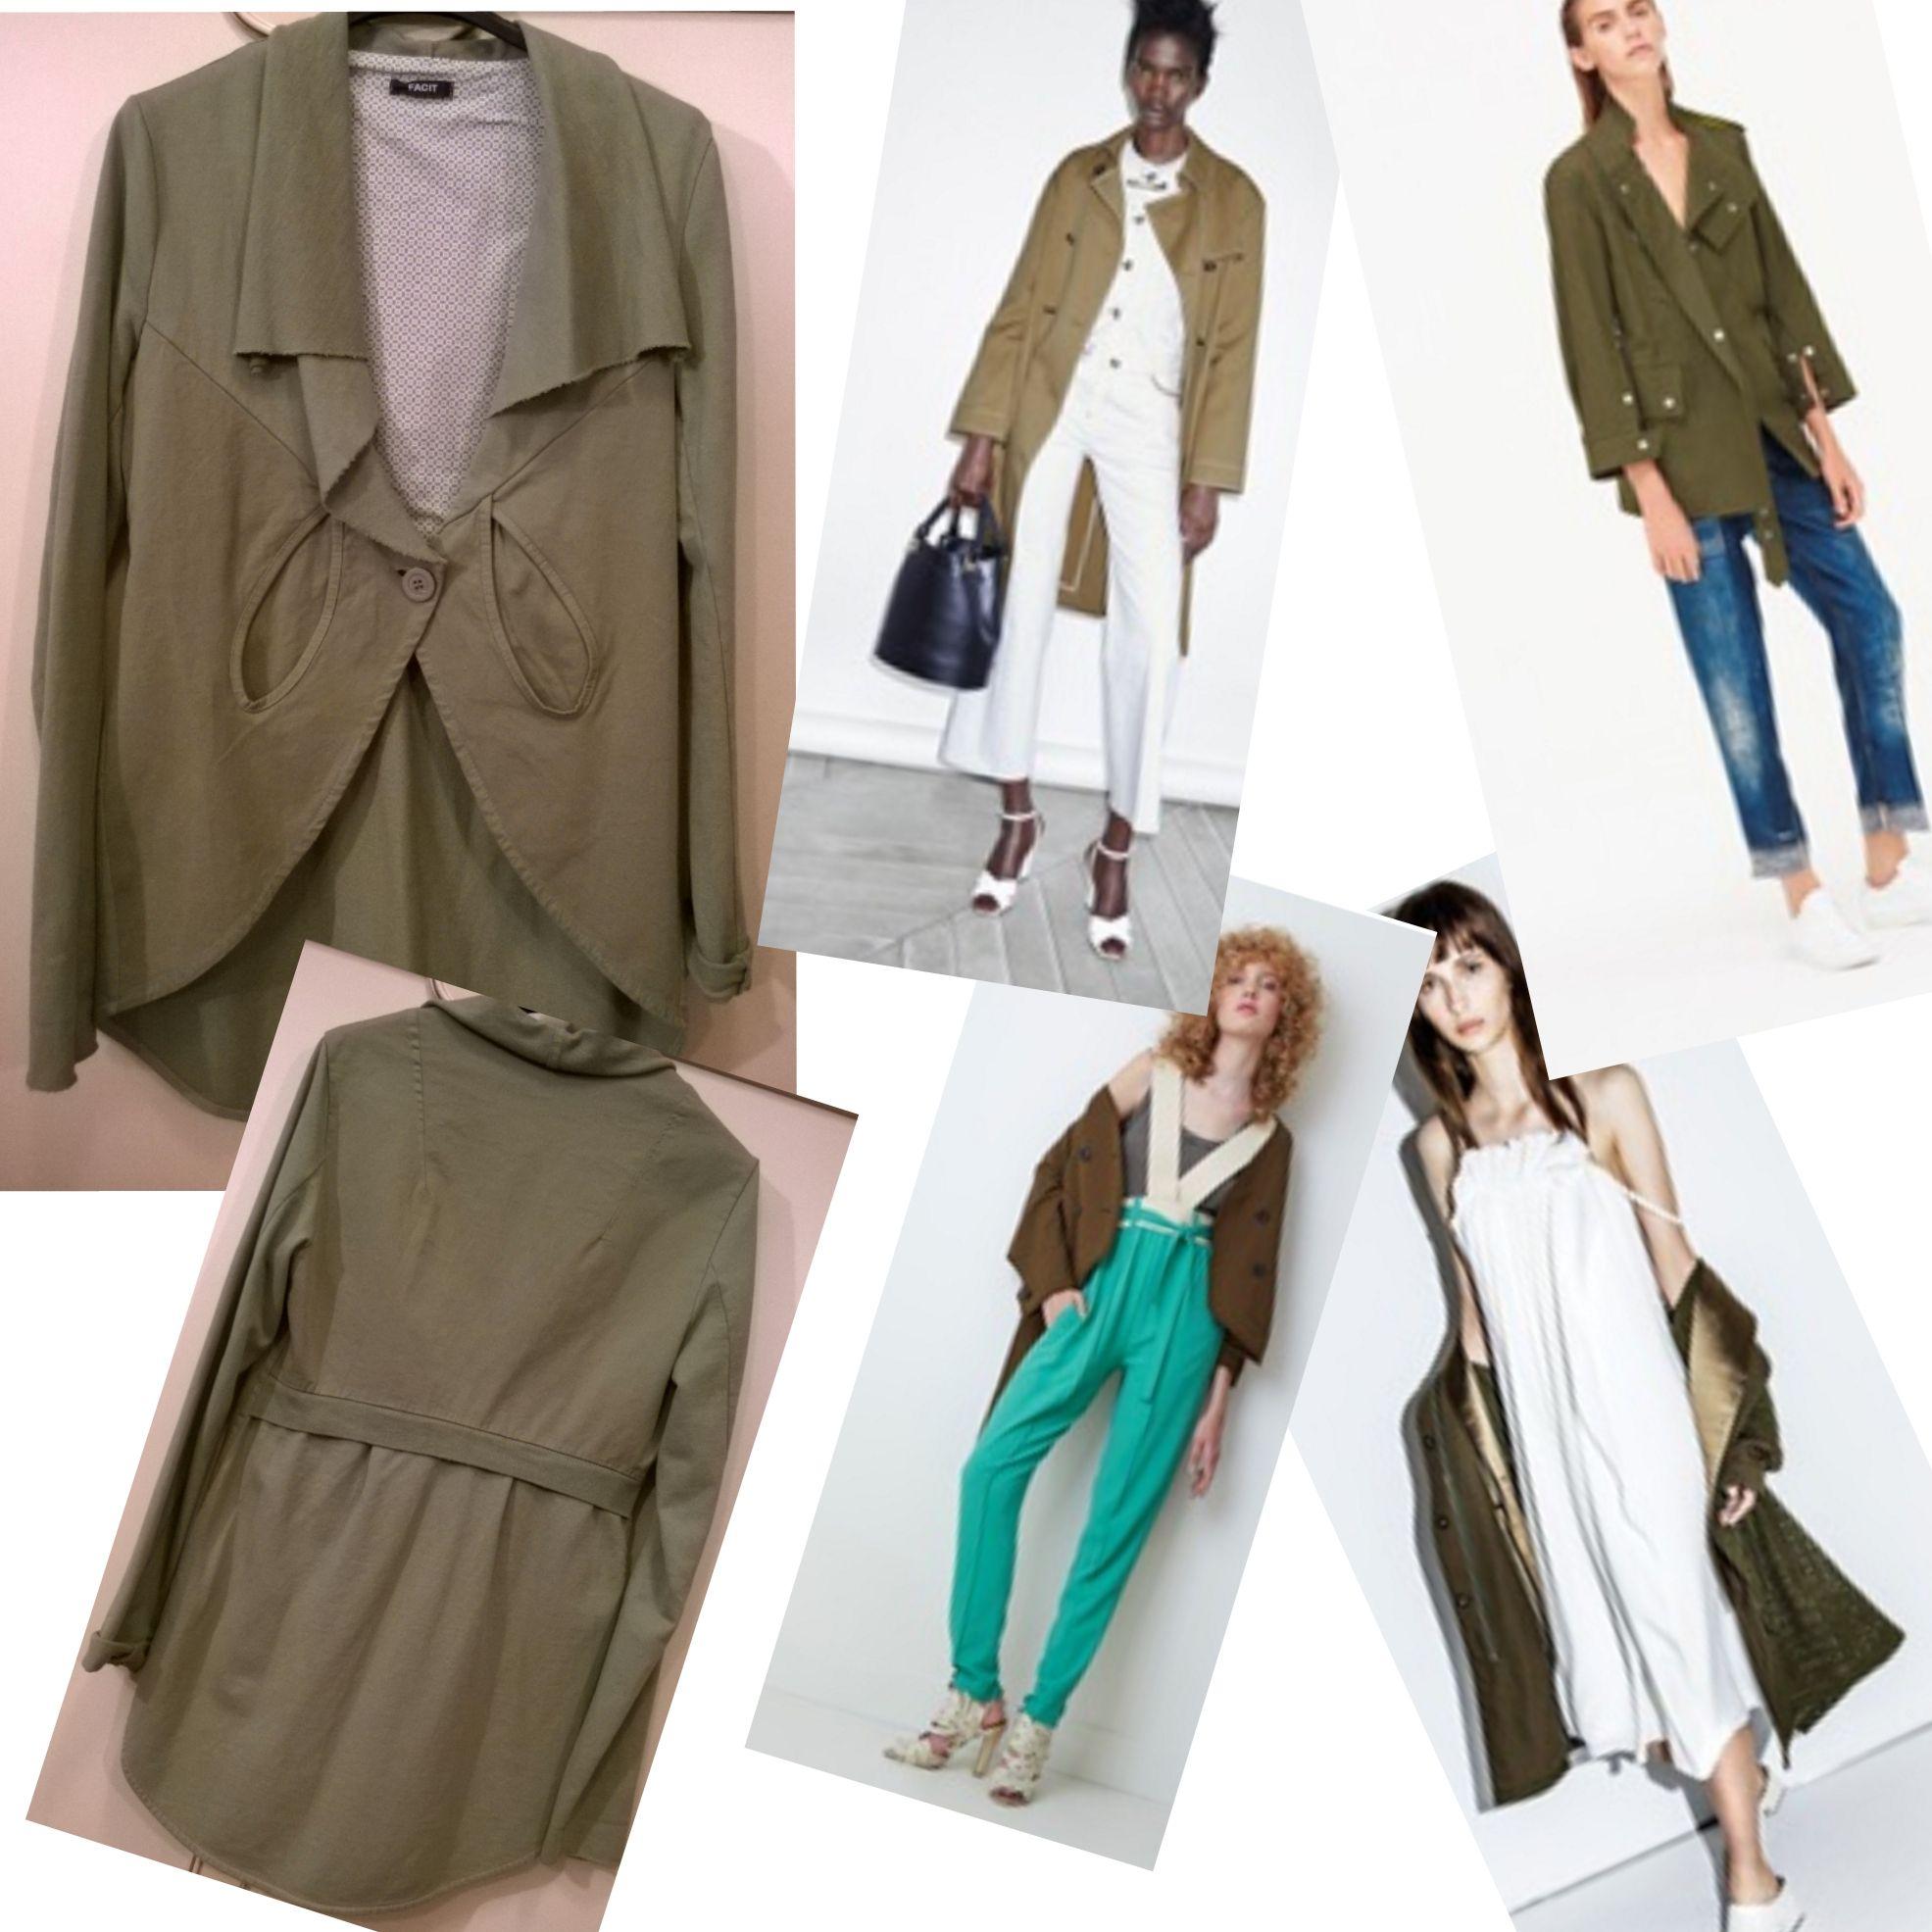 Military green jacket by Facit Italy for Spring Summer 2016 ----- spolverino di felpa verde militare per Primavera Estate 2016 #fashion #summer2016 #spring2016 #moda #Italia #estate2016 #saldi #peimavera2016 #f